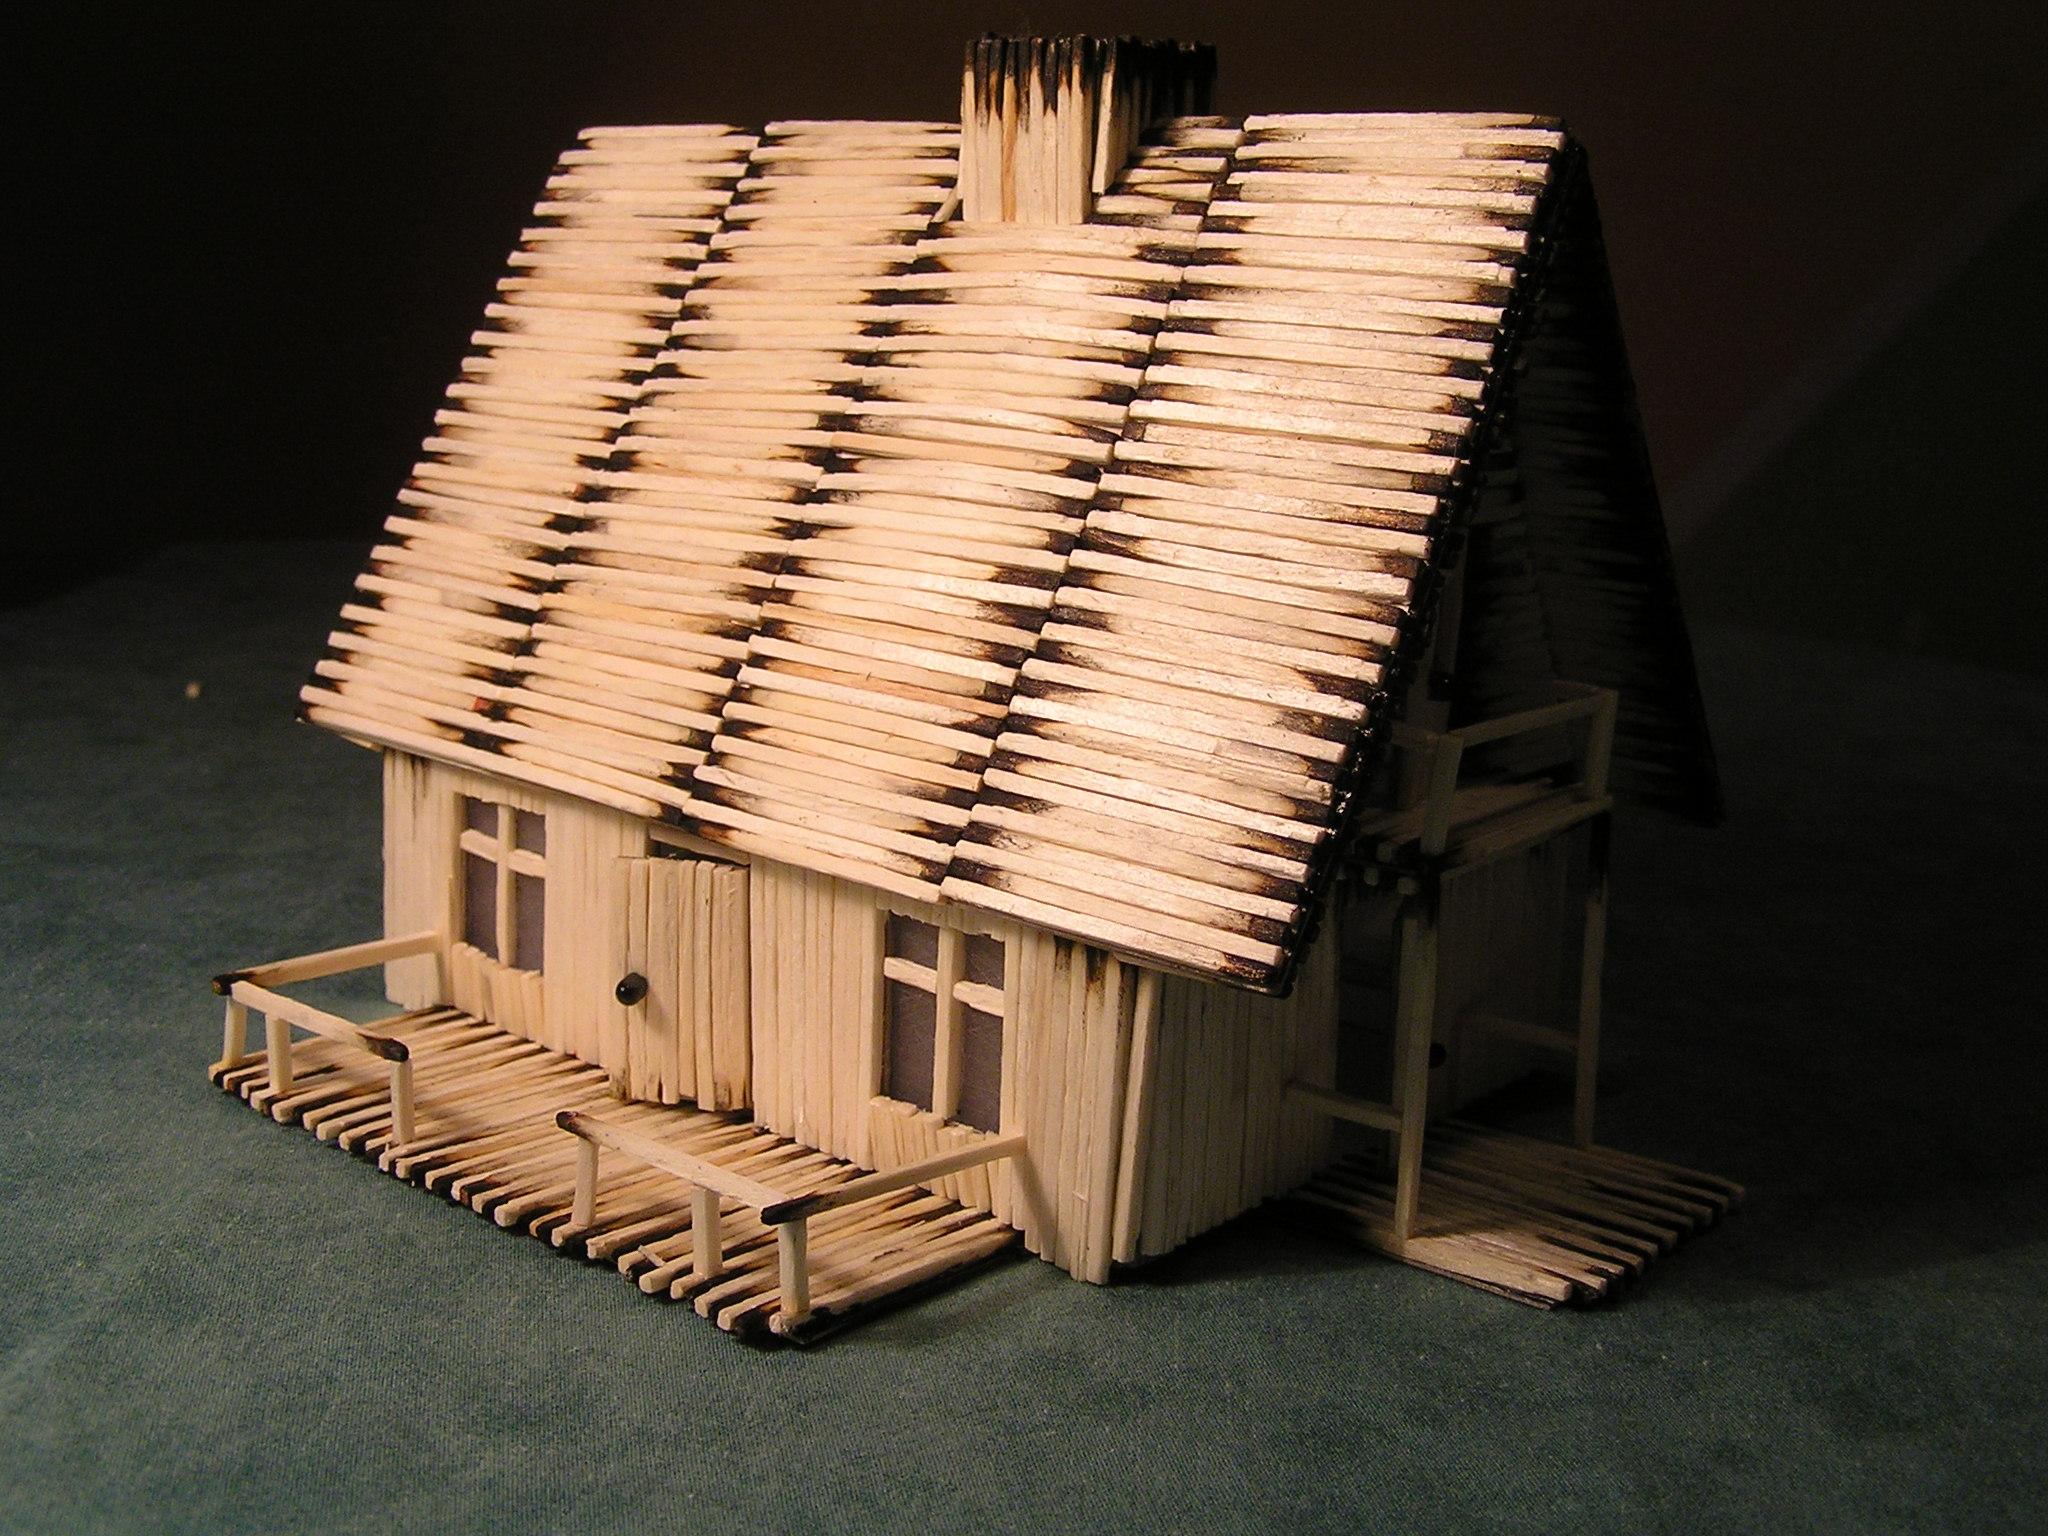 750 matchsticks house